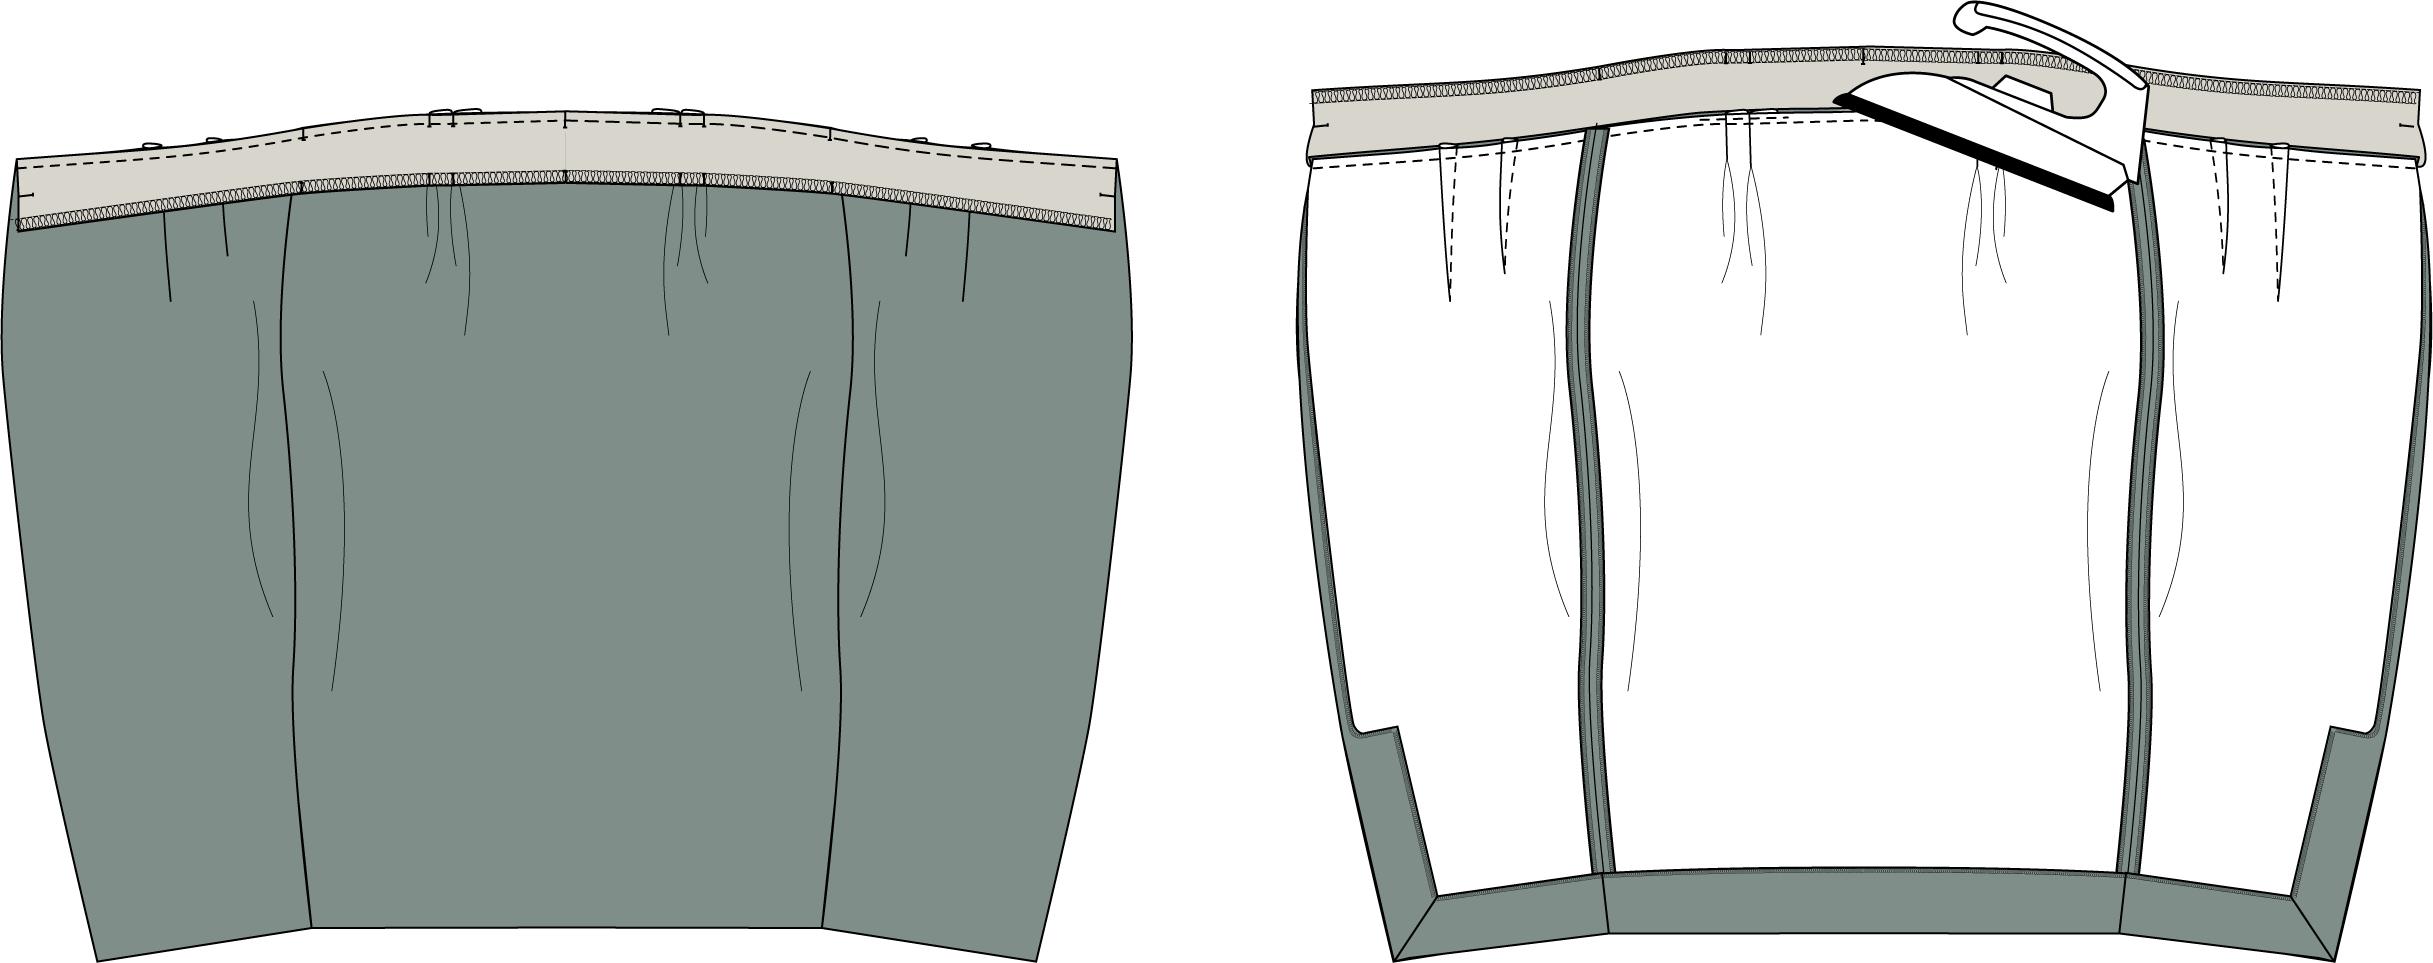 a718f-v2-12.png